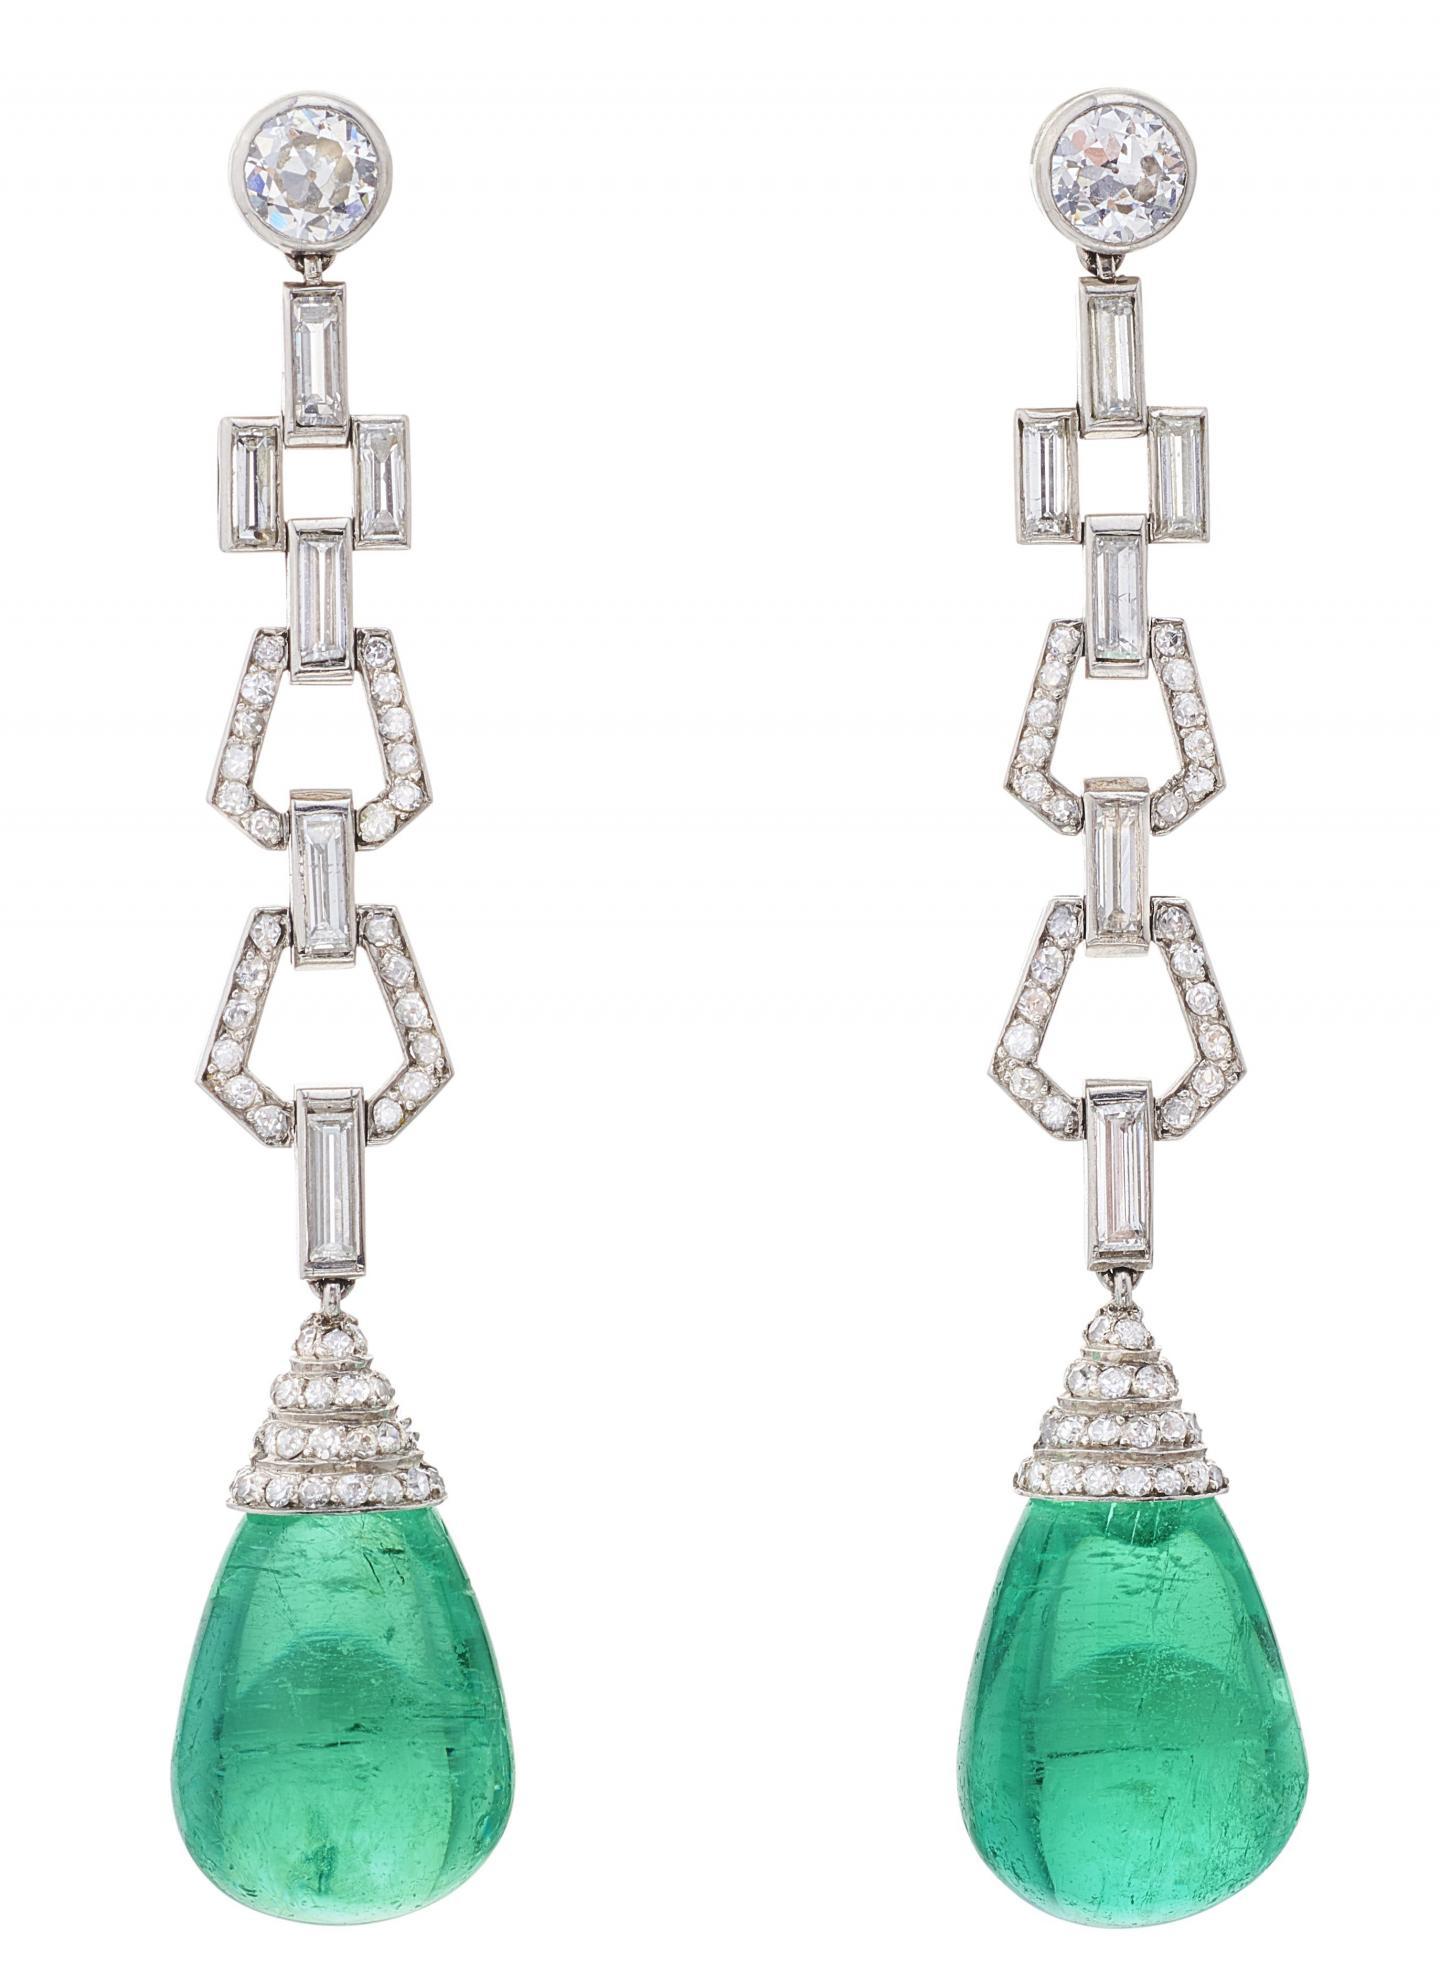 Boucles d'oreilles pendantes Art Déco en platine serties de diamants estimées 15 à 25.000€ et vendue 48.945€.